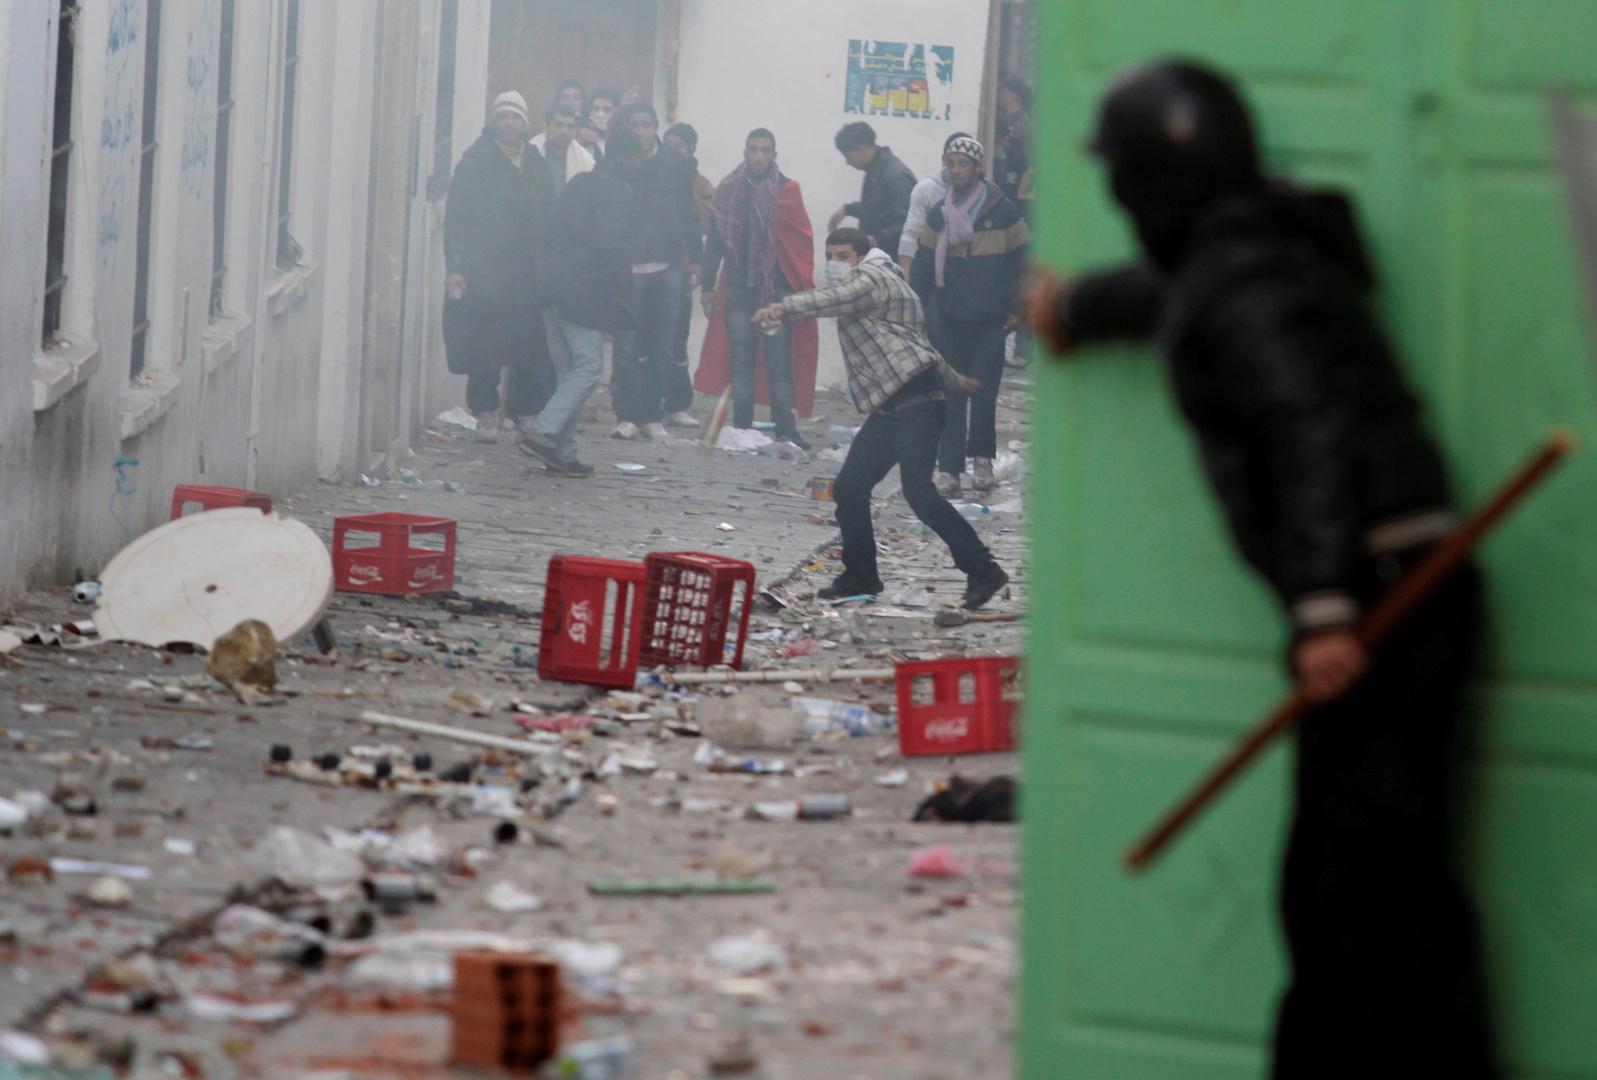 اشتباكات بين قوات الأمن ومتظاهرين في العاصمة تونس. الصورة: أرشيف.